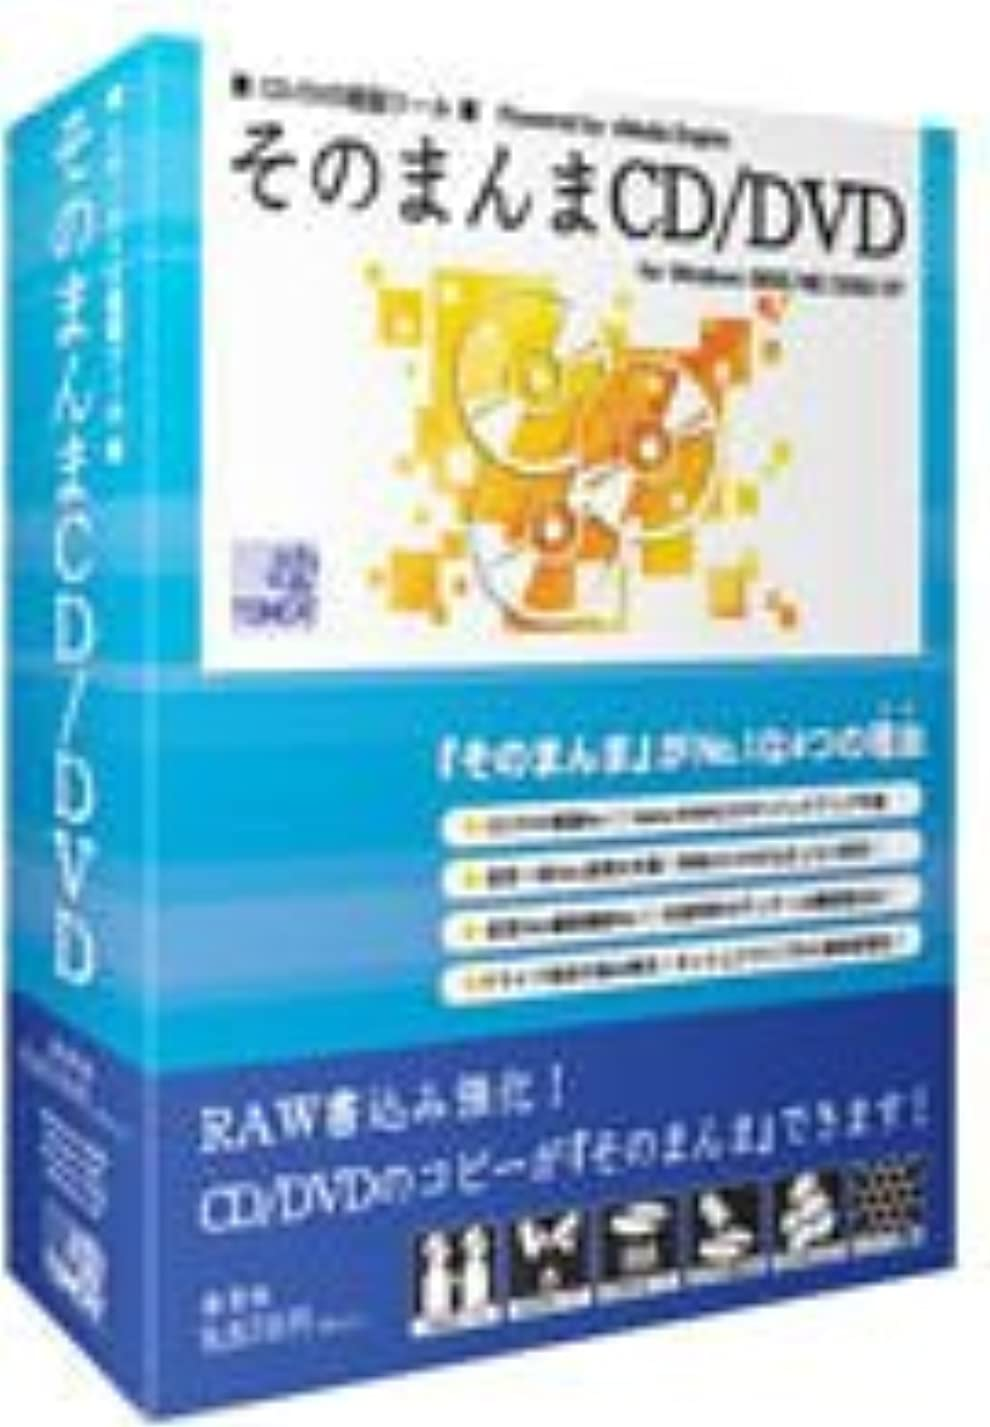 アッティカスリーズファックスそのまんまCD/DVD